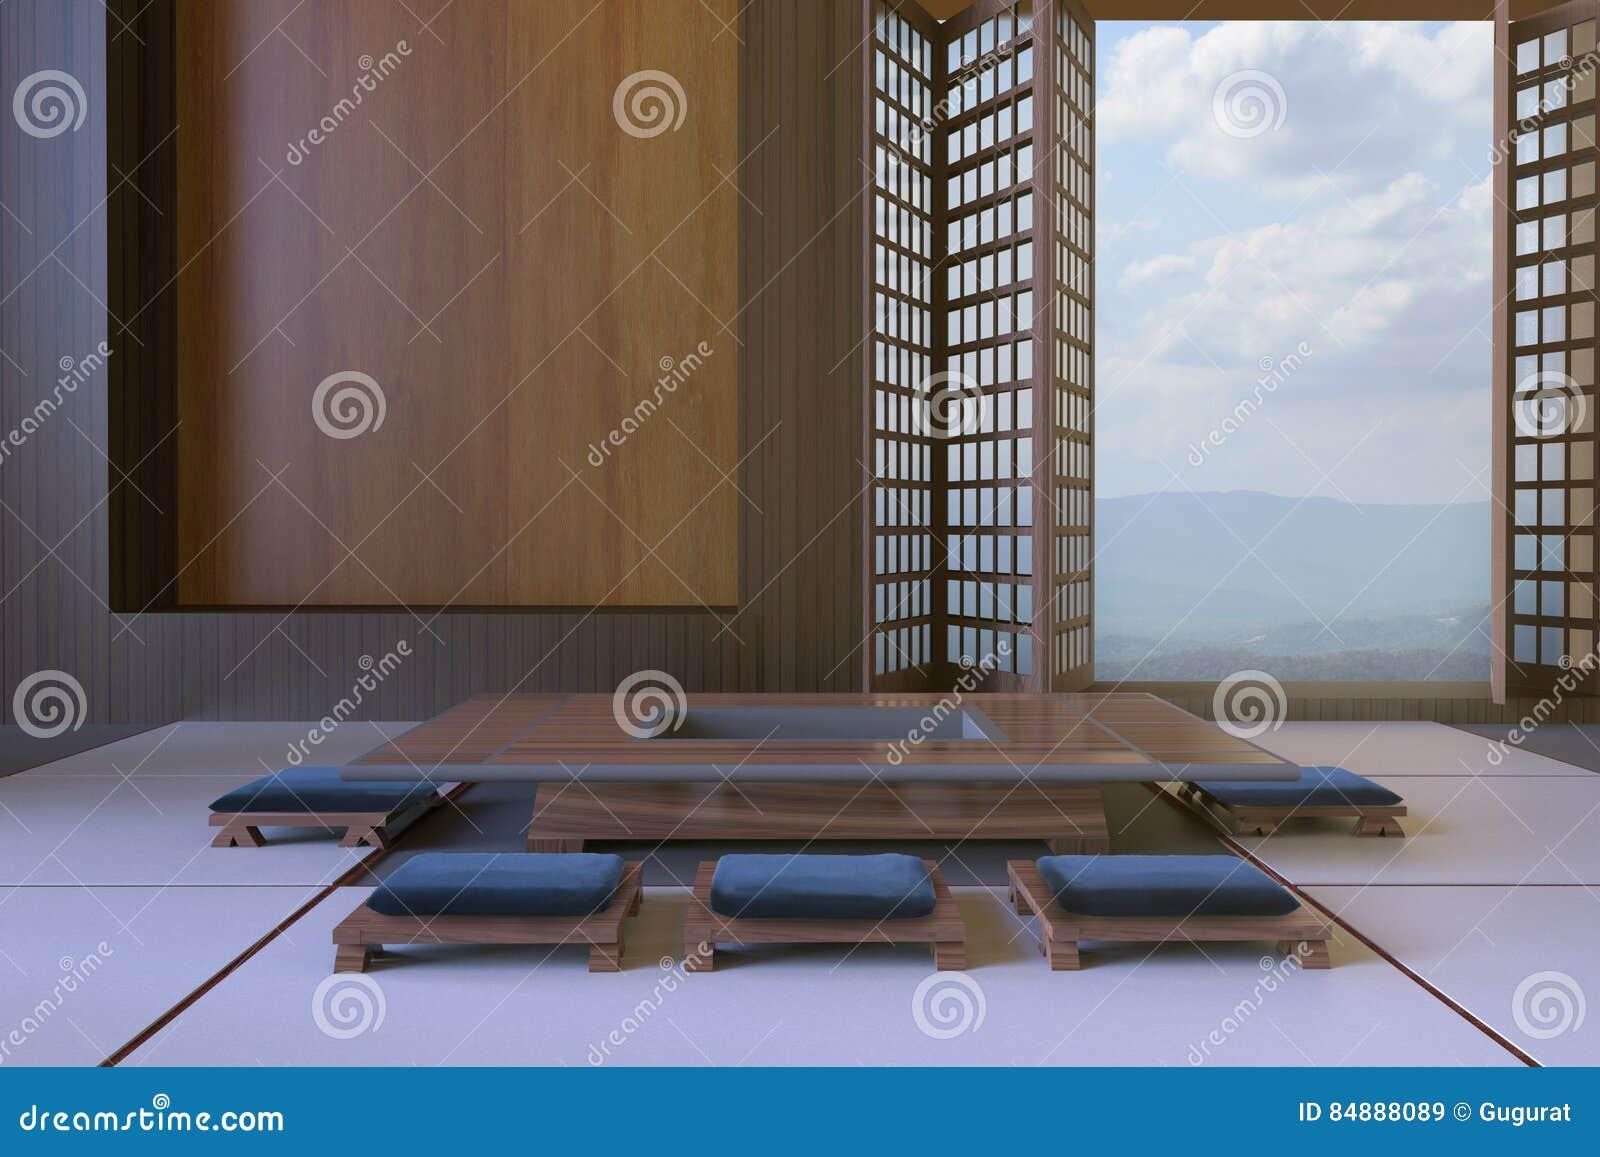 Download Einfache Moderne Japanische Wohnzimmer Und  Tischplatten Sitzminimale Zeitgenössische Kunst Stock Abbildung    Illustration Von